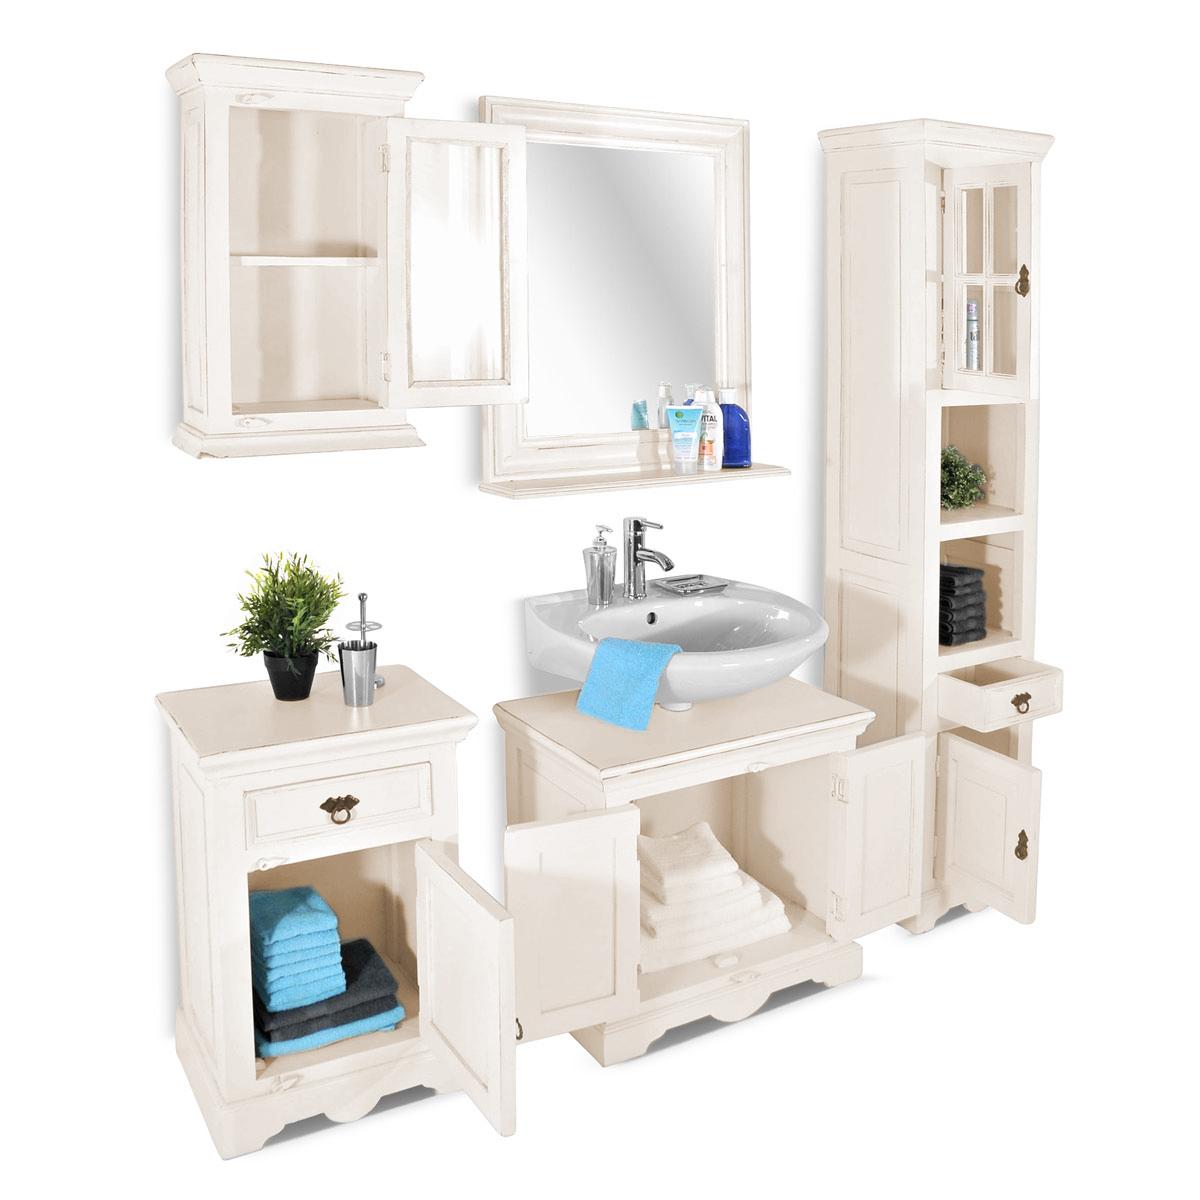 Waschtischunterschrank Landhausstil: Geile badezimmer ~ surfinser ... | {Badezimmer landhausstil weiss 90}